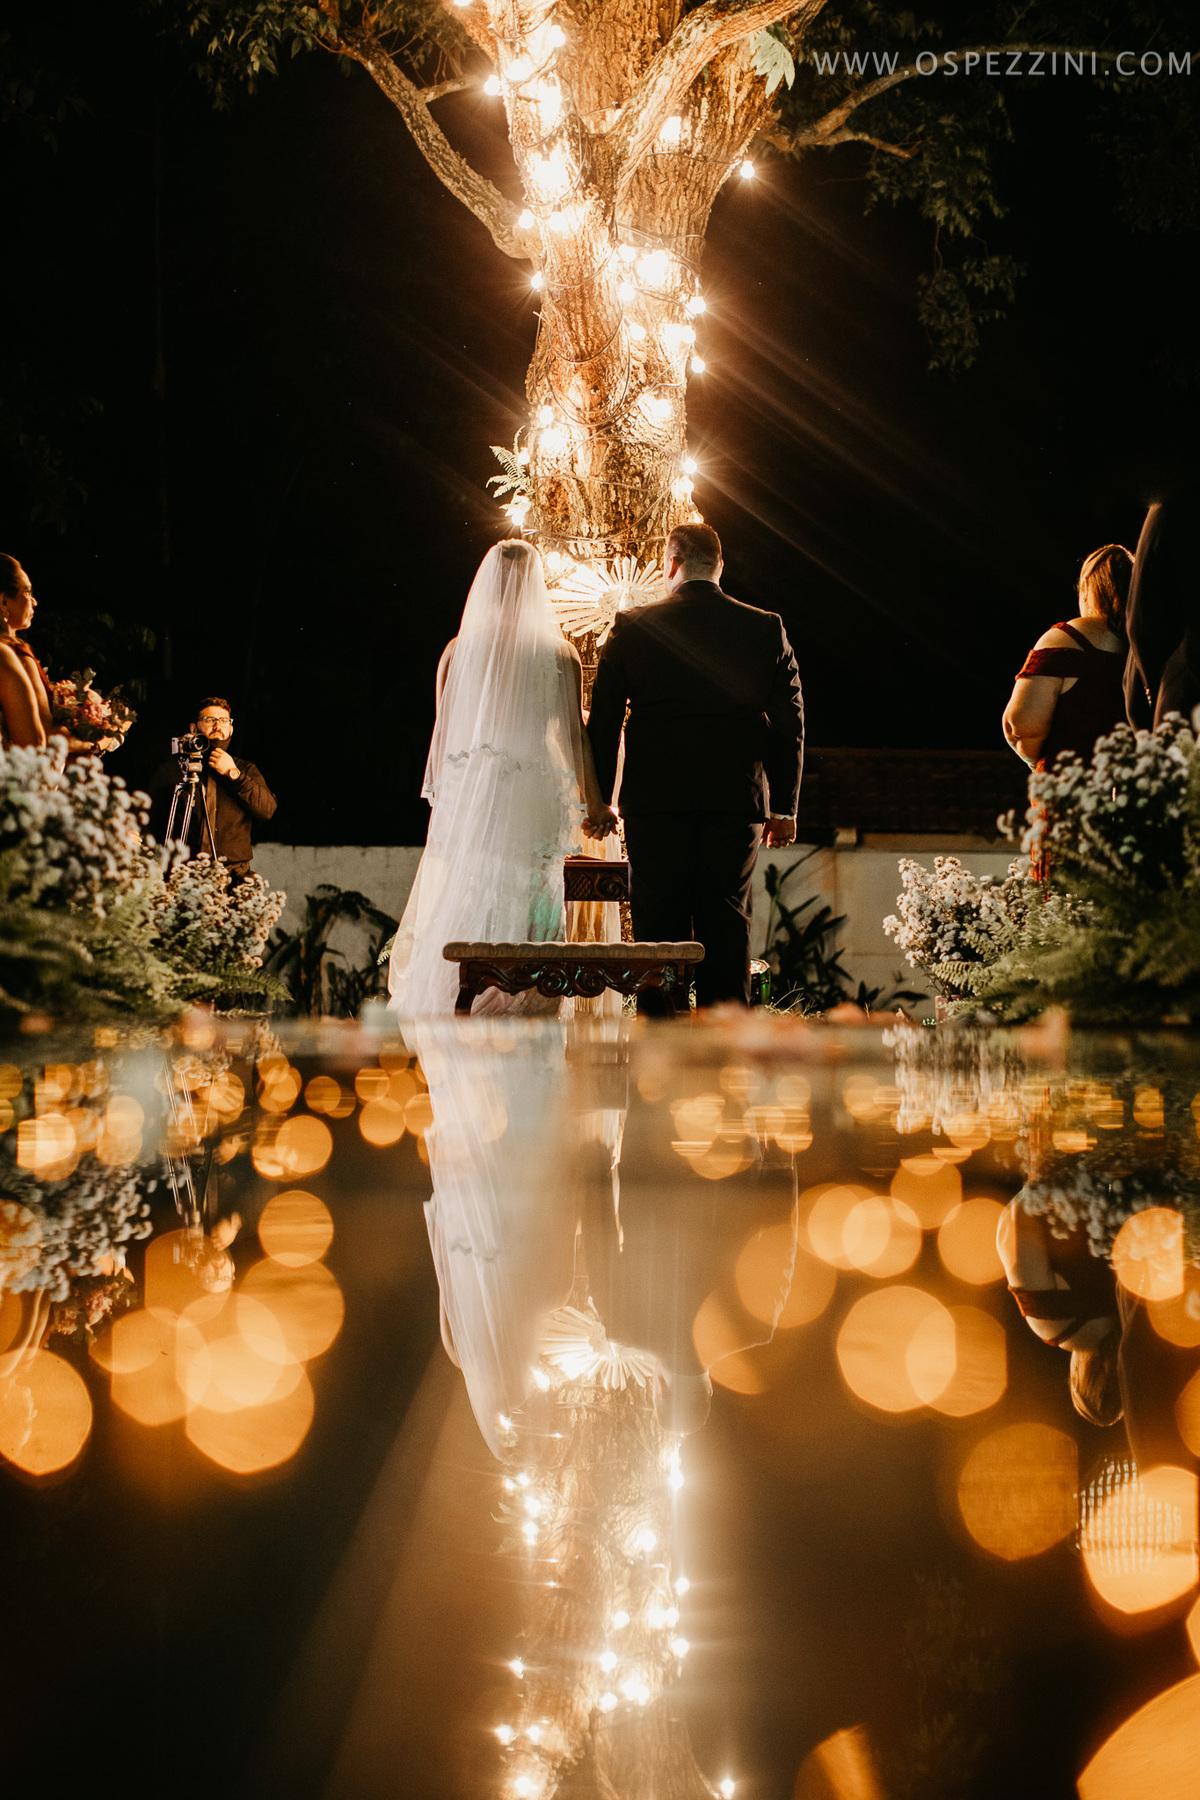 Imagem capa - 7 simples passos para encontrar o seu fotógrafo de casamento por Os Pezzini